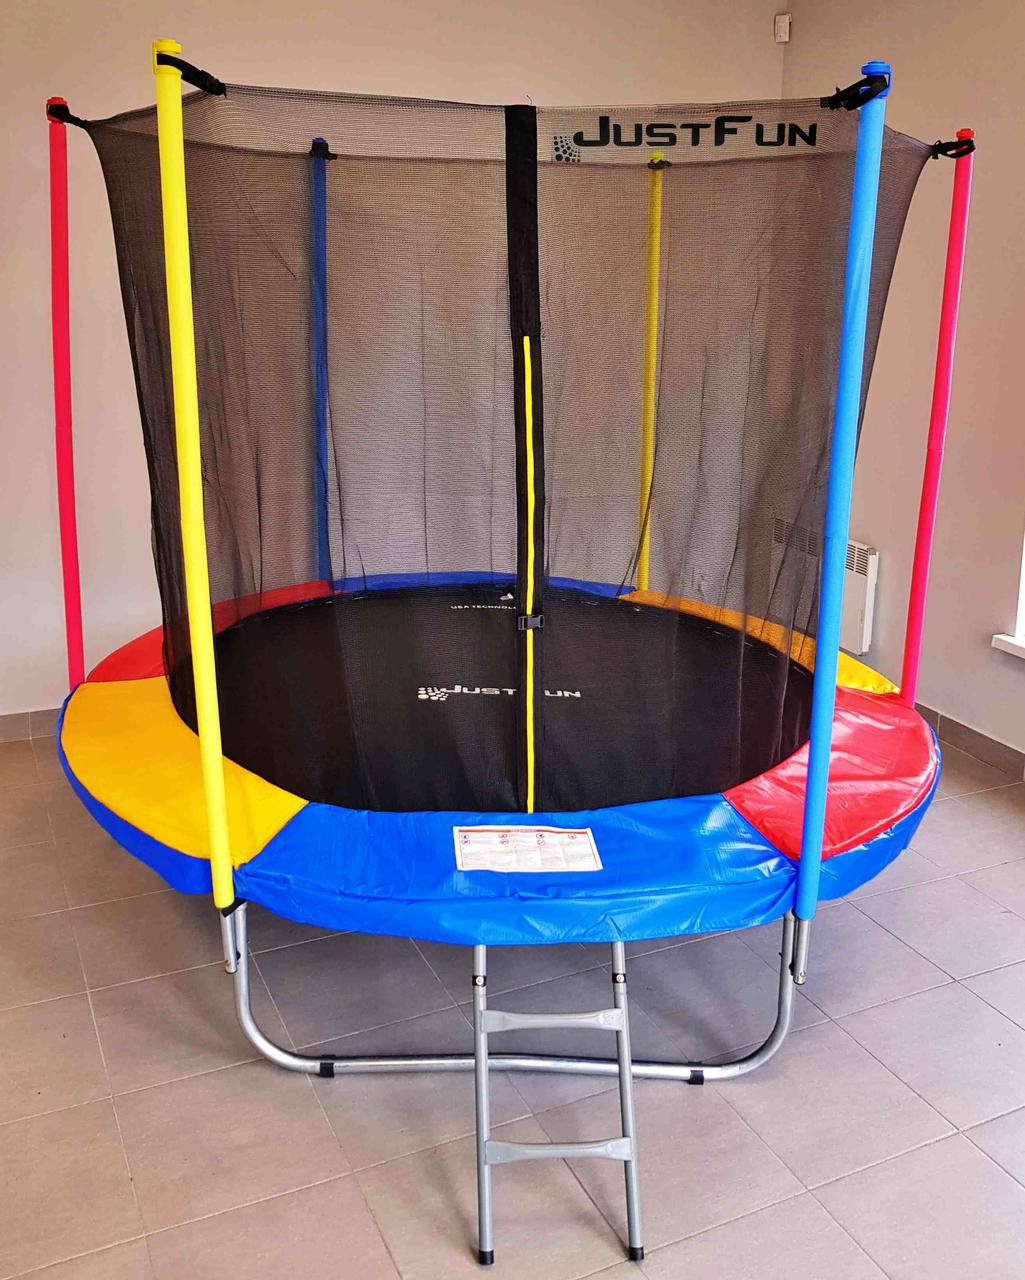 Батут Just Fun Multicolor 244 см (8 FT) с внутренней сеткой и лестницей (Спортивный батут)